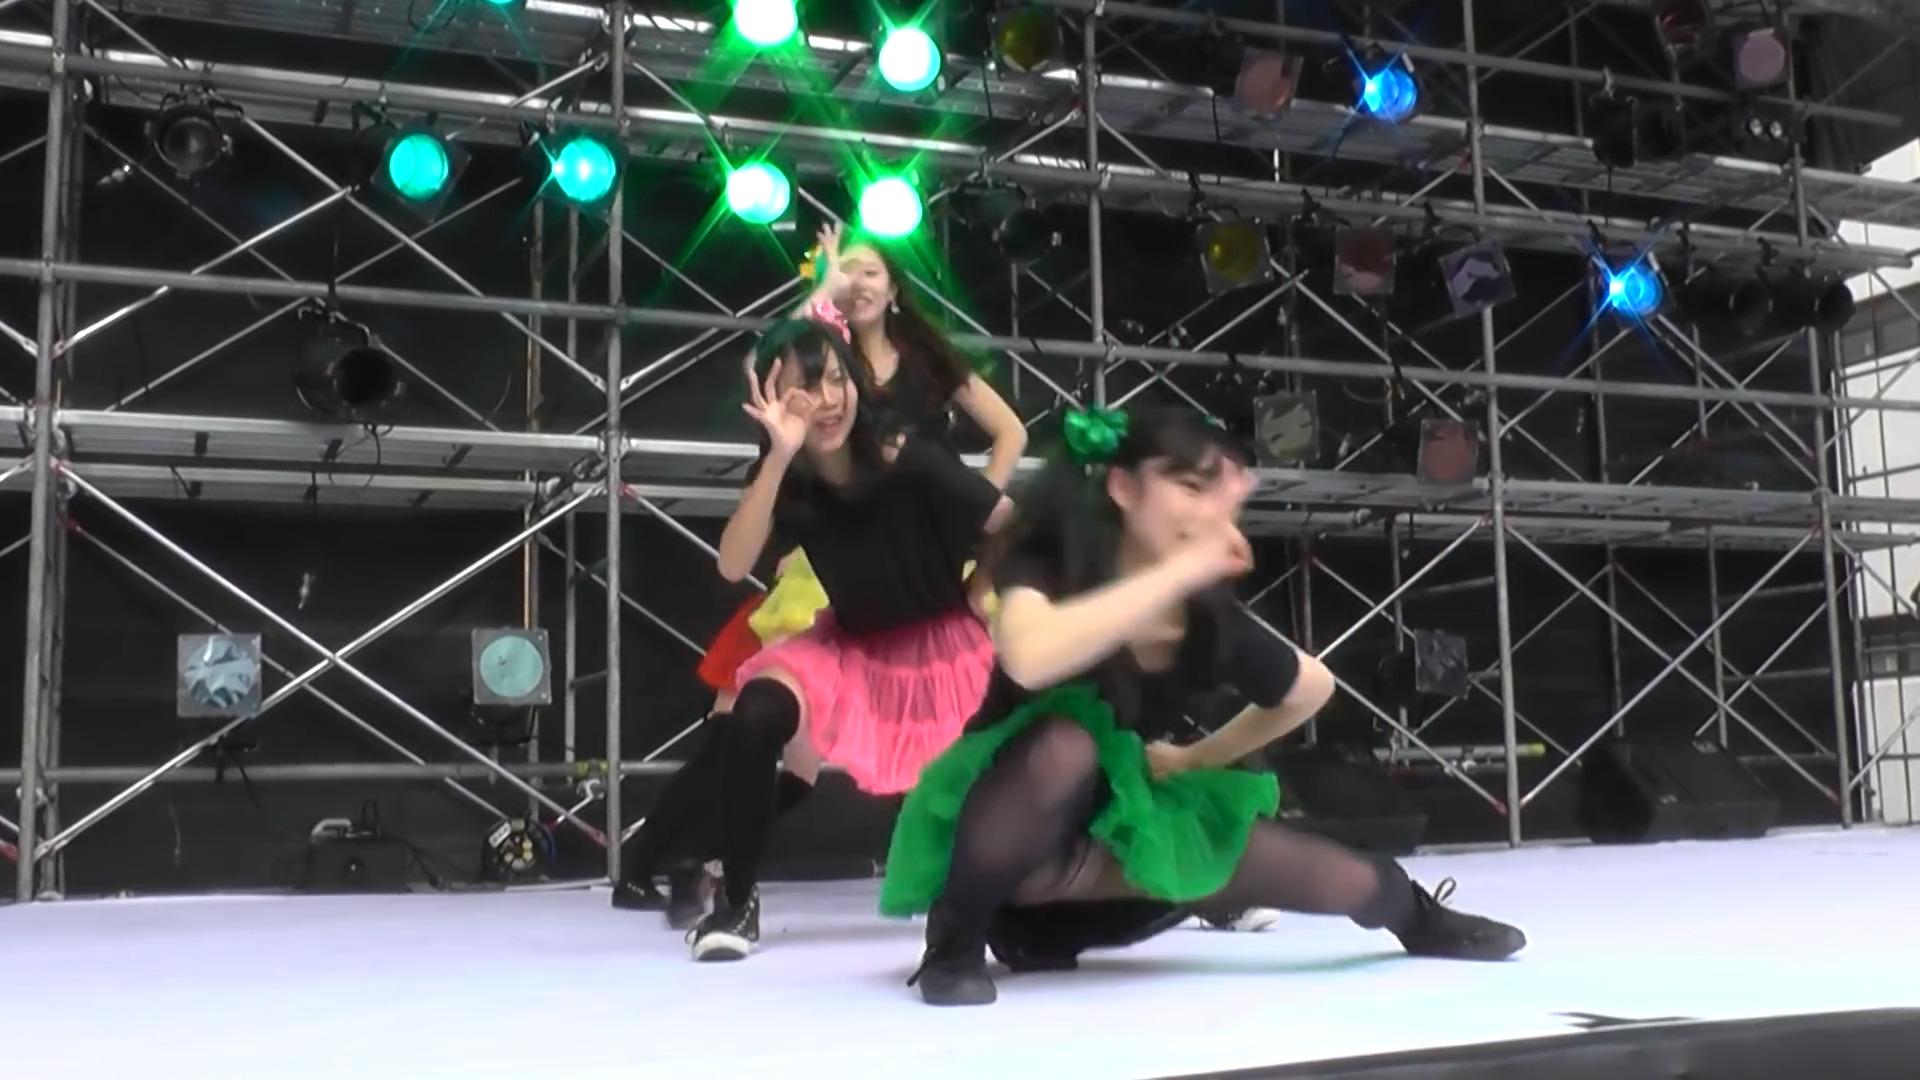 カラフルに躍動感!元気が貰える女子大生のコピーダンス。「Chai Maxxー ももいろクローバー 」 03:03